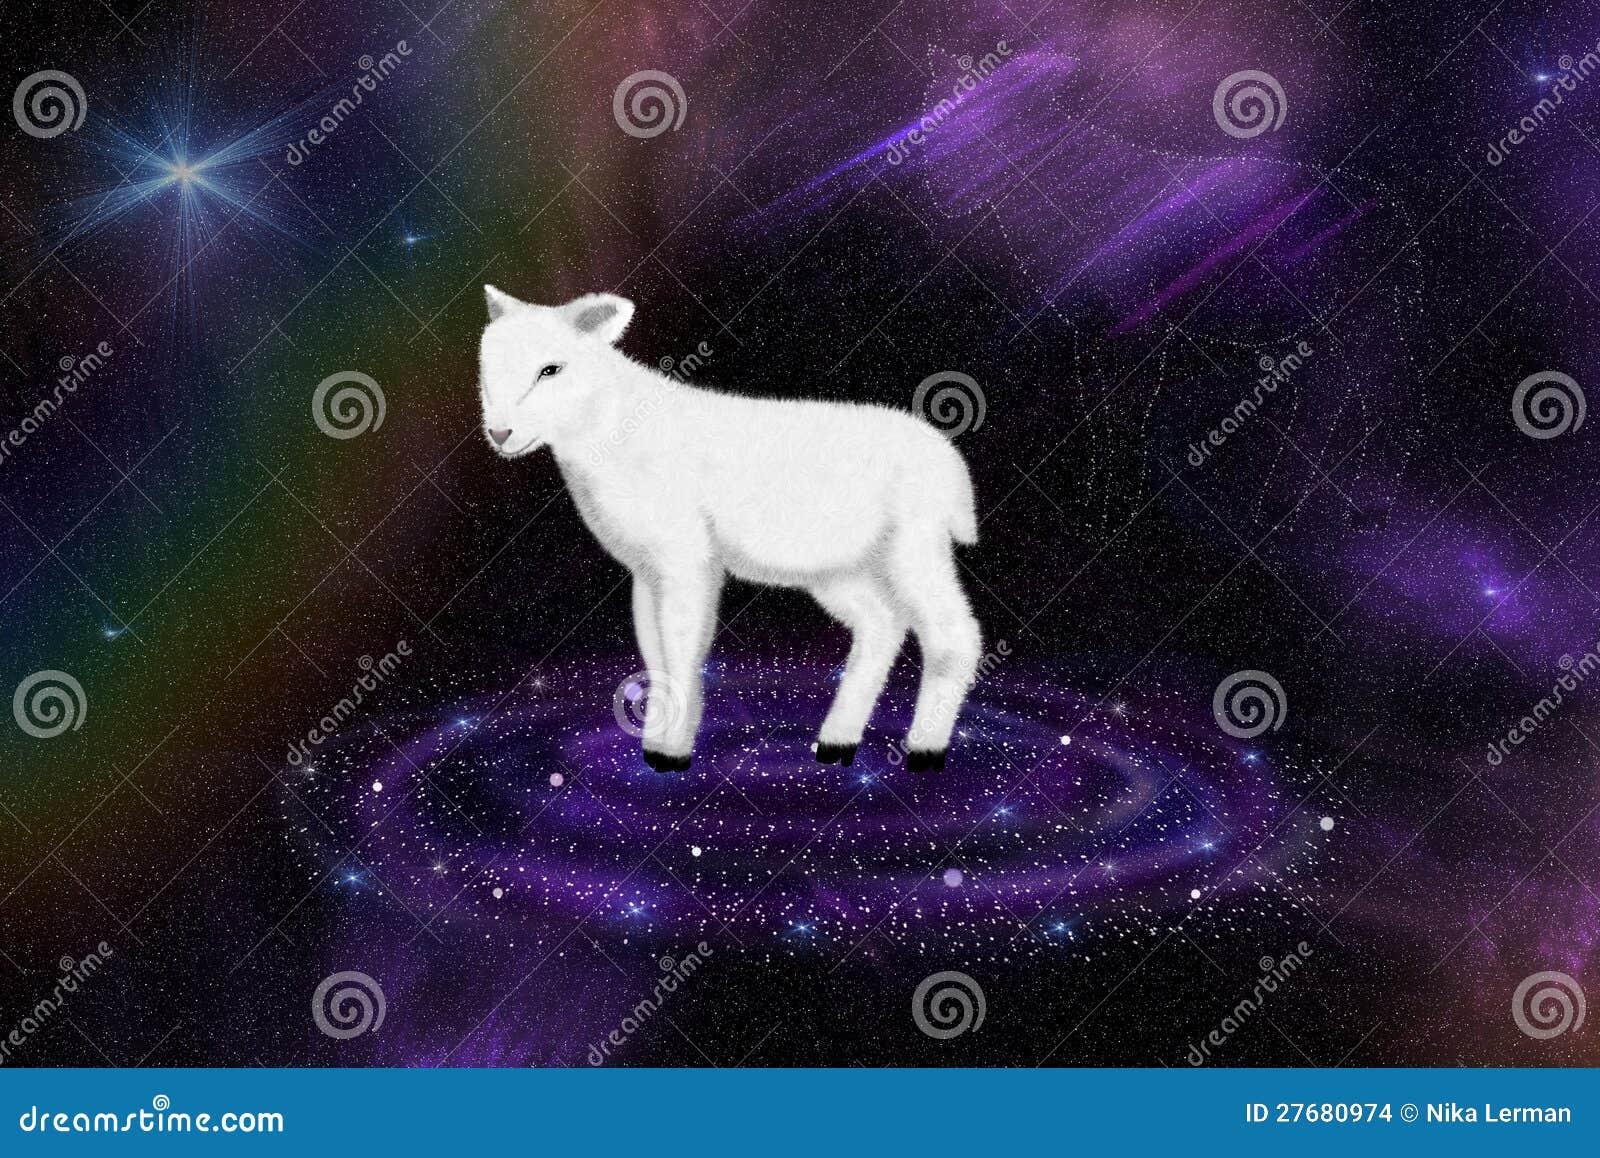 Ilustração Gratis Espaço Todos Os Universo Cosmos: Cordeiro Do Deus No Universo Ilustração Stock